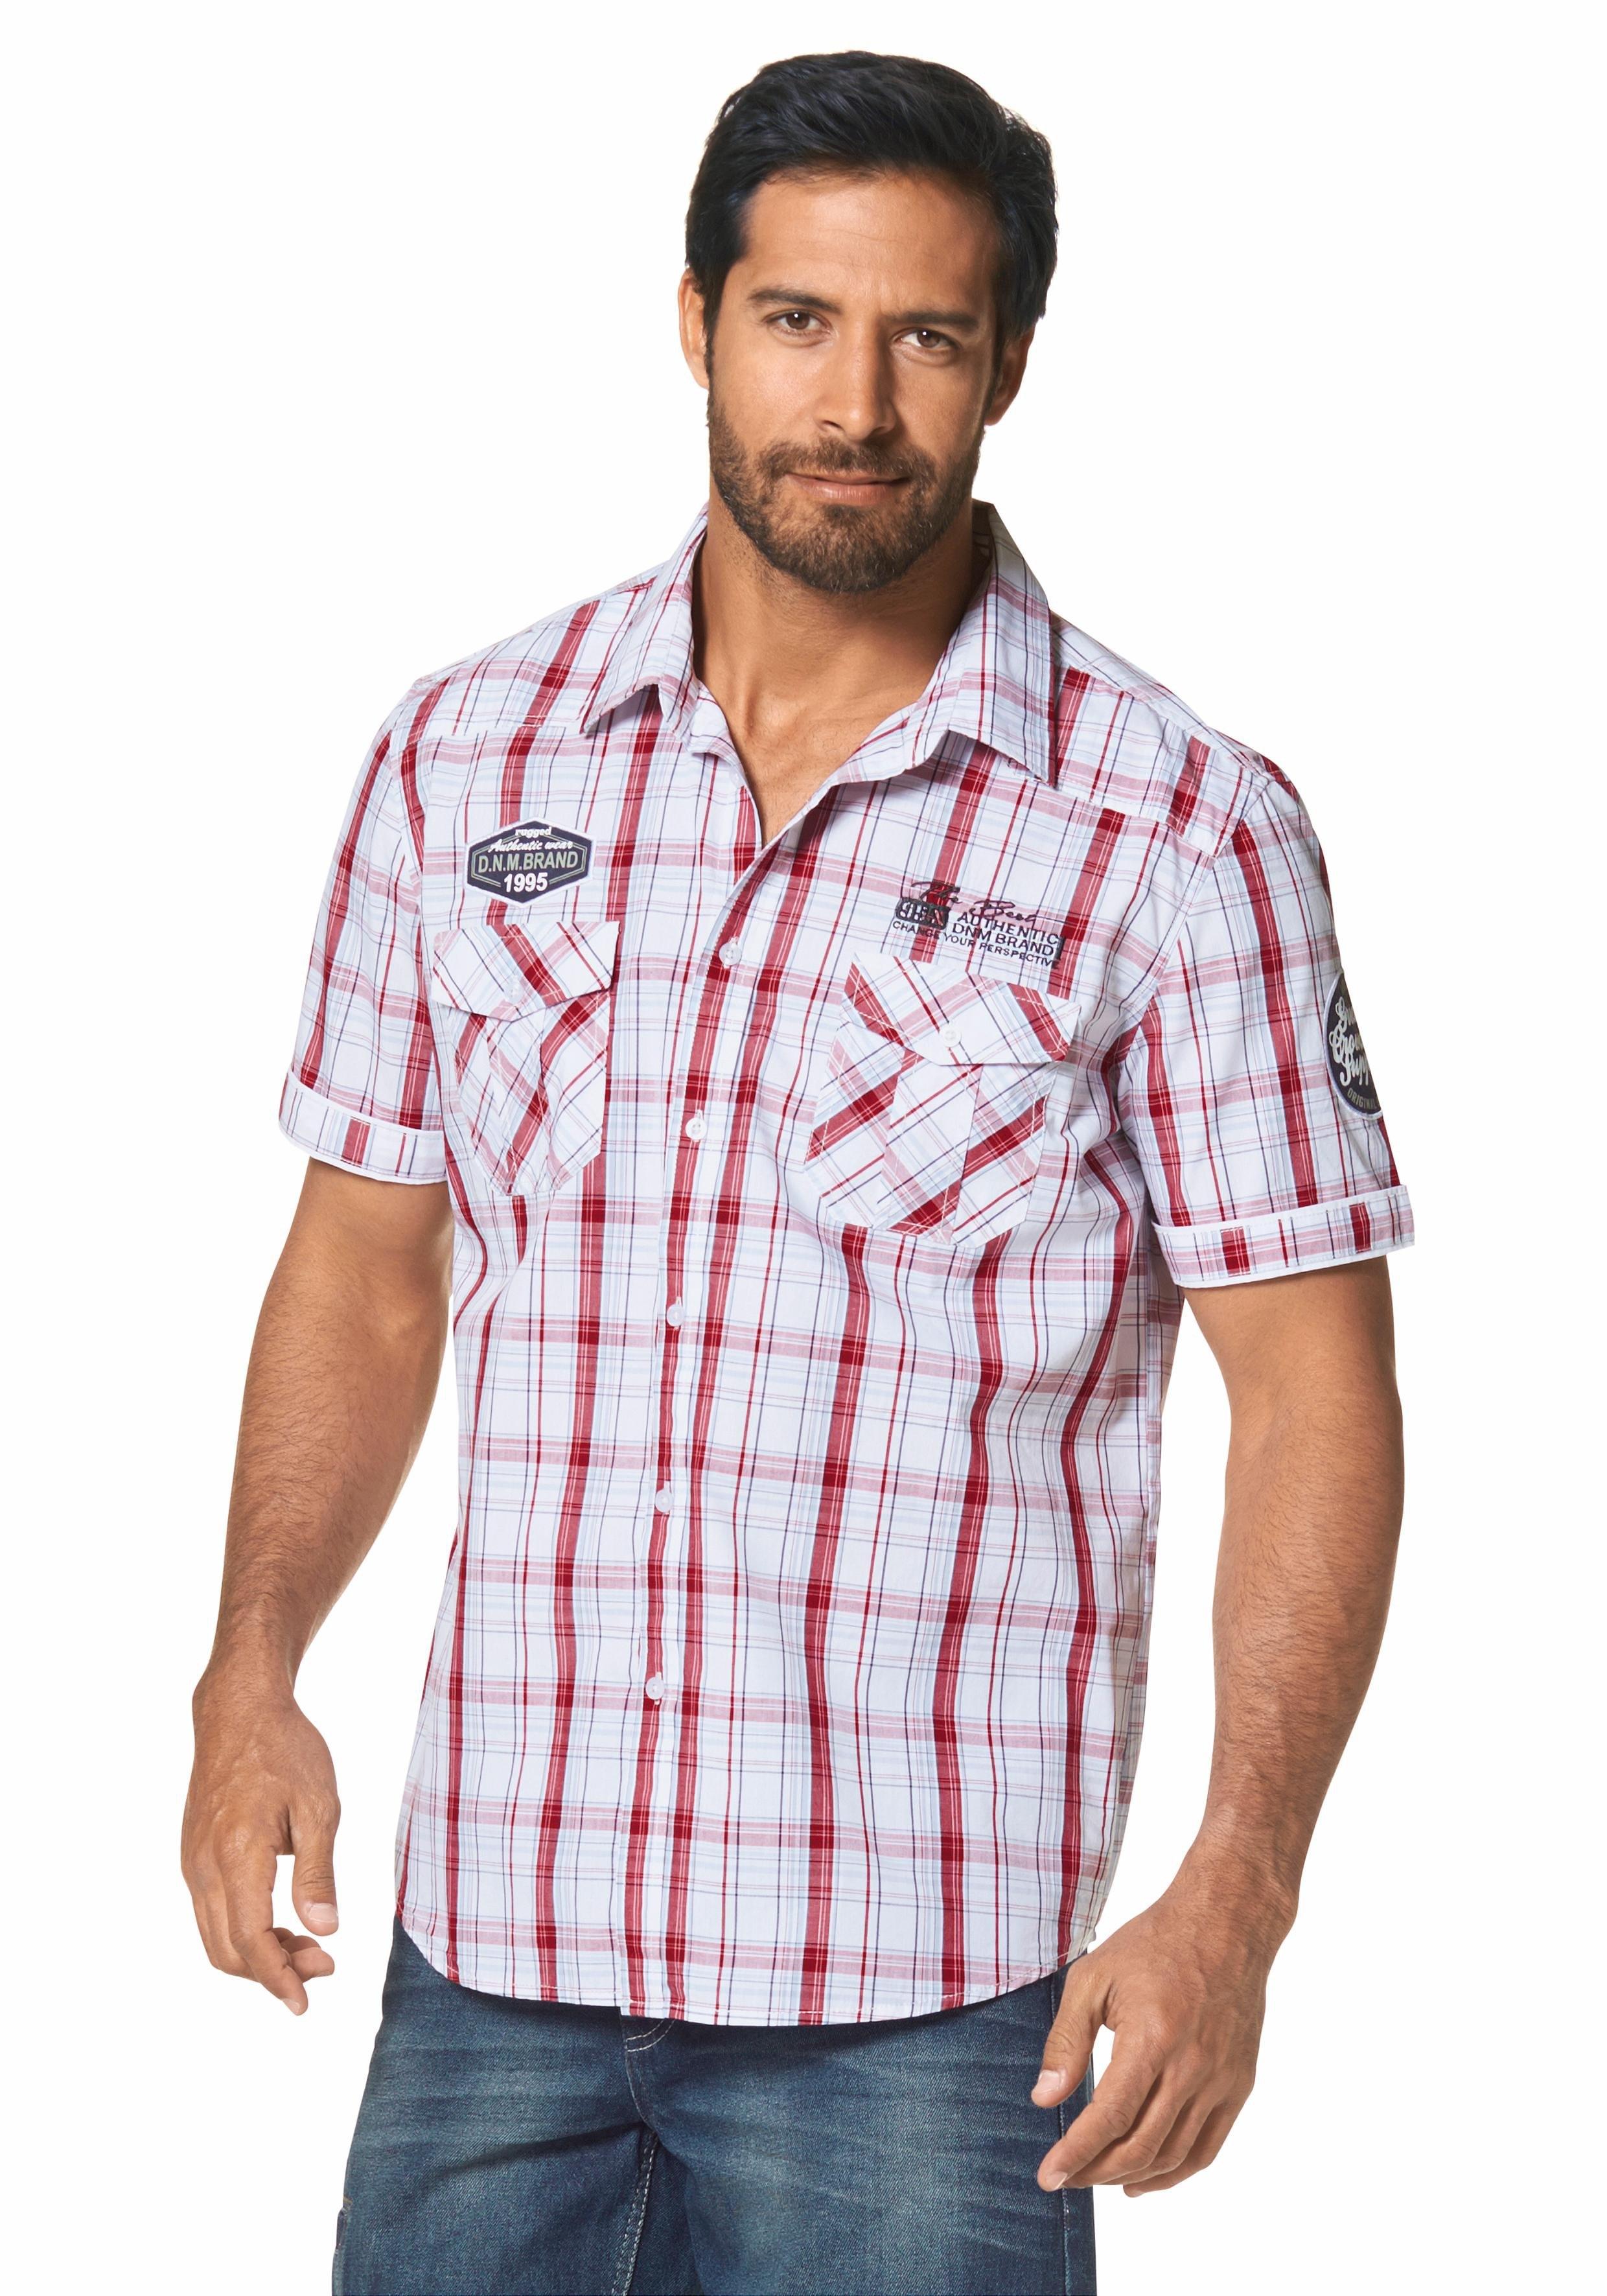 Man's World Overhemd met korte mouwen goedkoop op otto.nl kopen